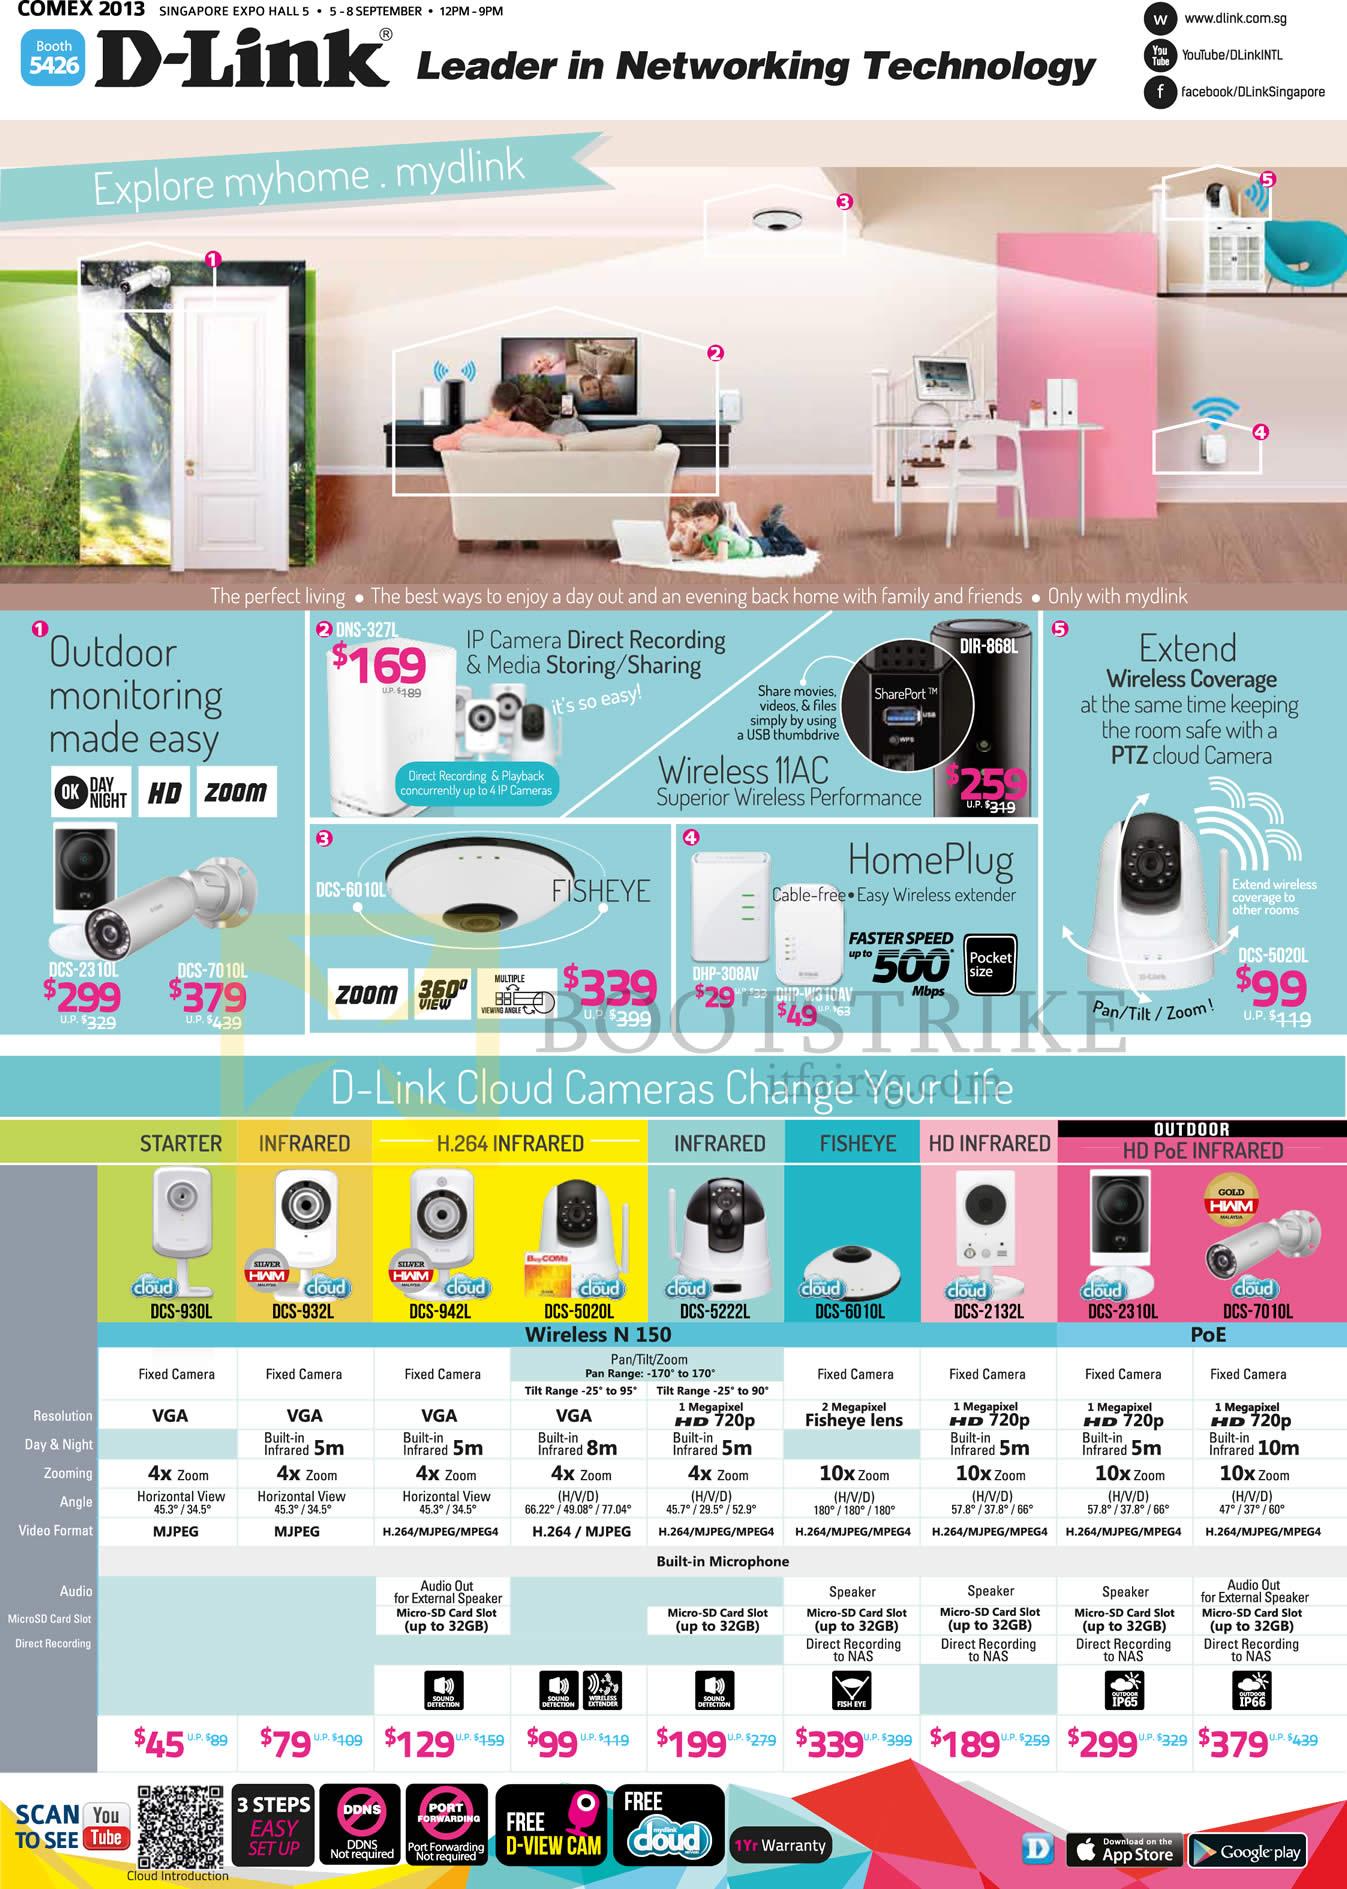 COMEX 2013 price list image brochure of D-Link Networking IPCam, HomePlug, Wireless Extender DCS 930L 932L 942L 5020L 5222L 6010L 2132L 2310L 7010L